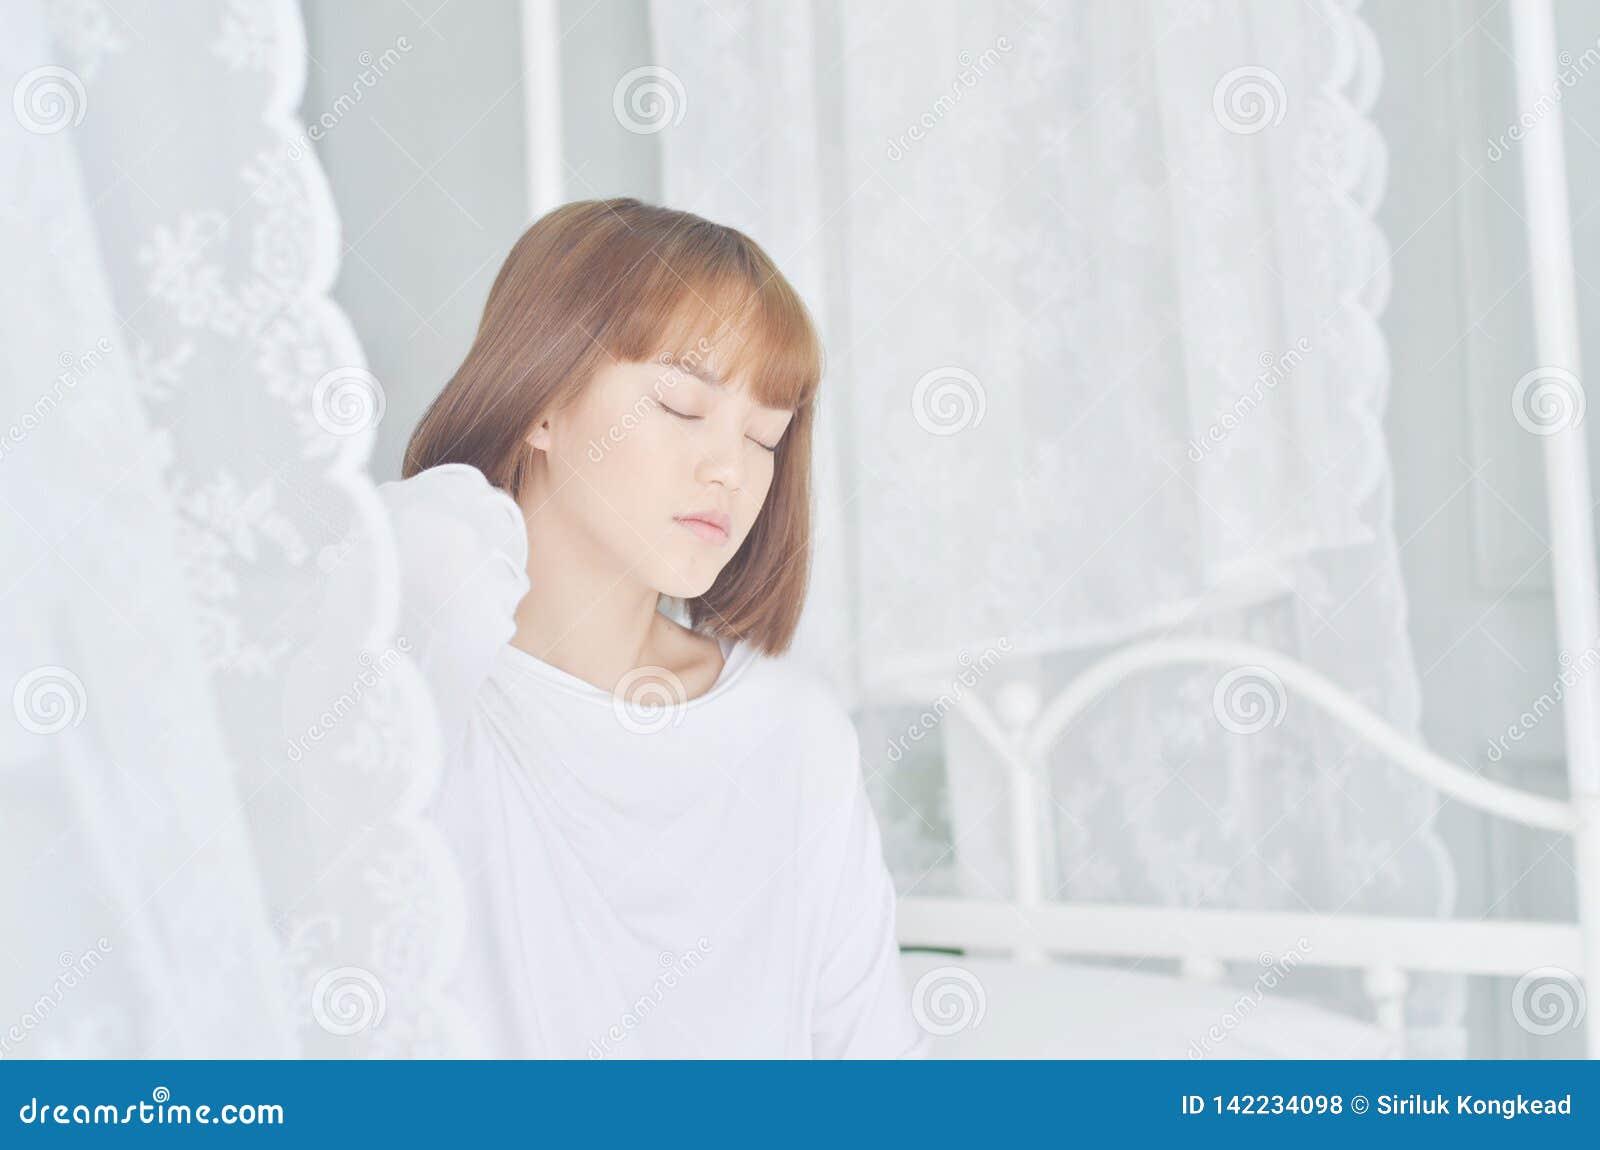 穿白色衬衫的妇女醒了